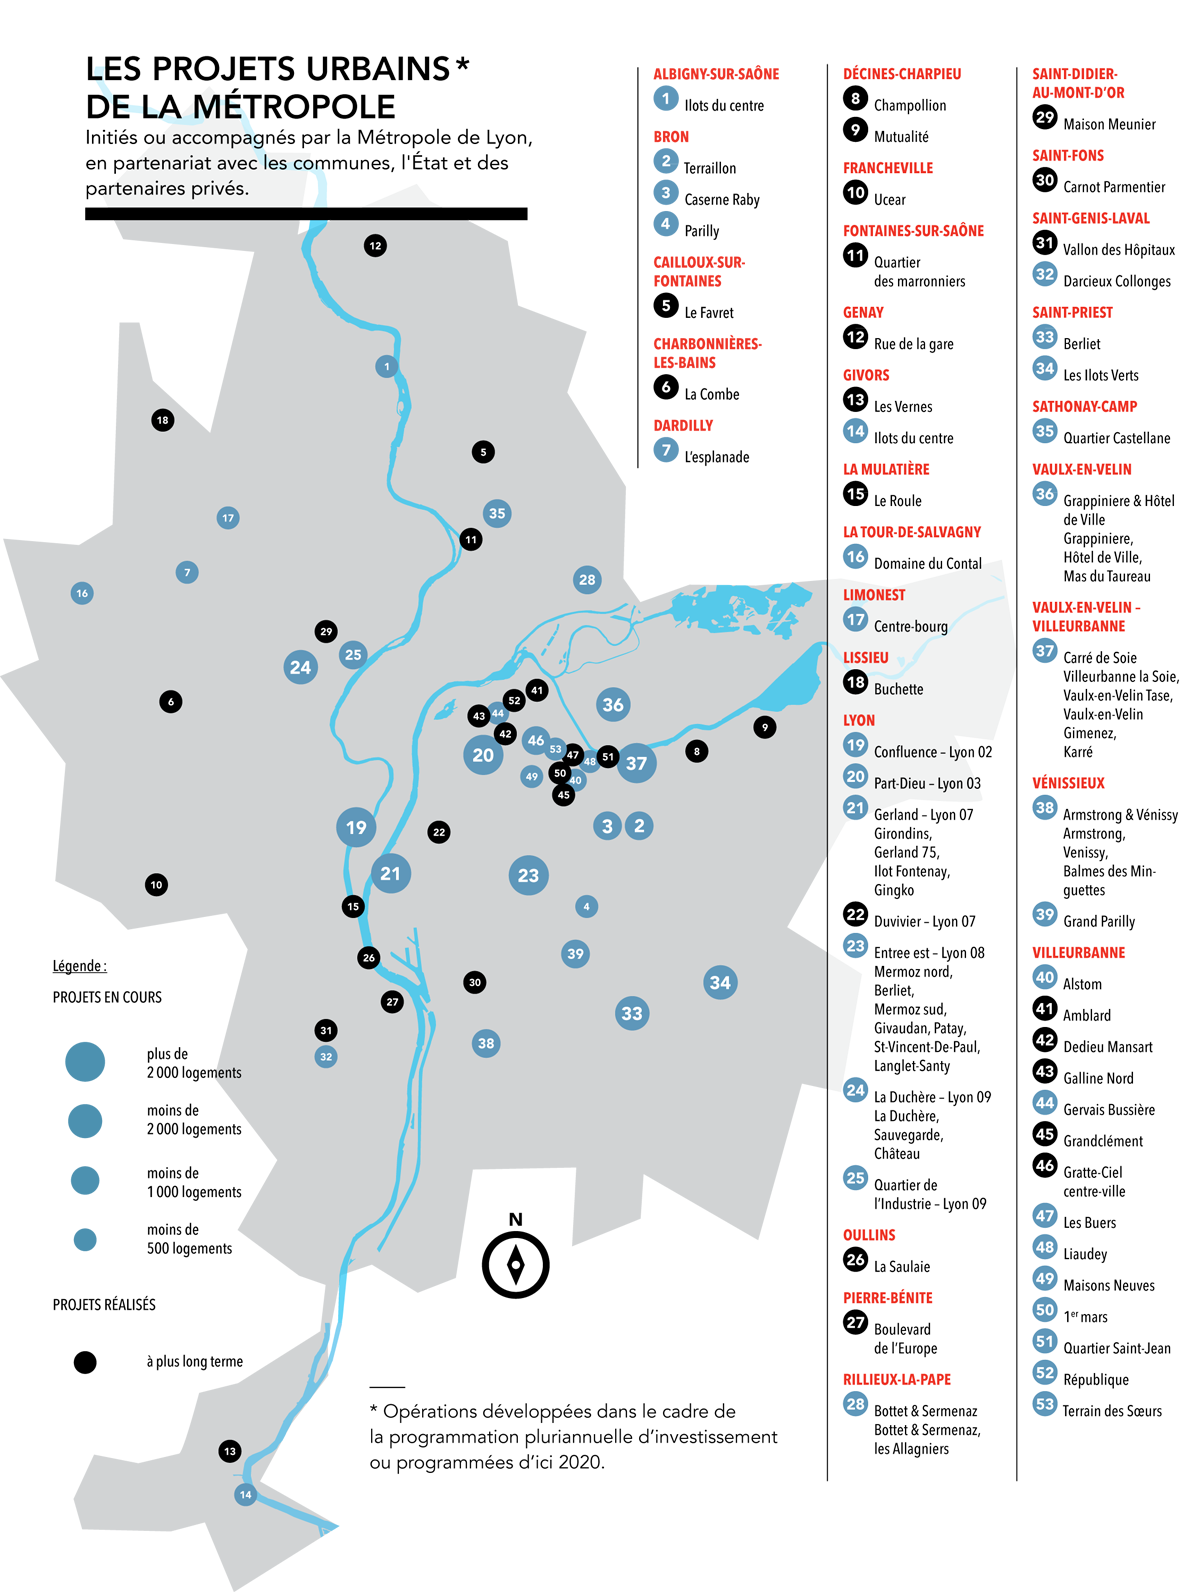 Les projets urbains de la Métropole